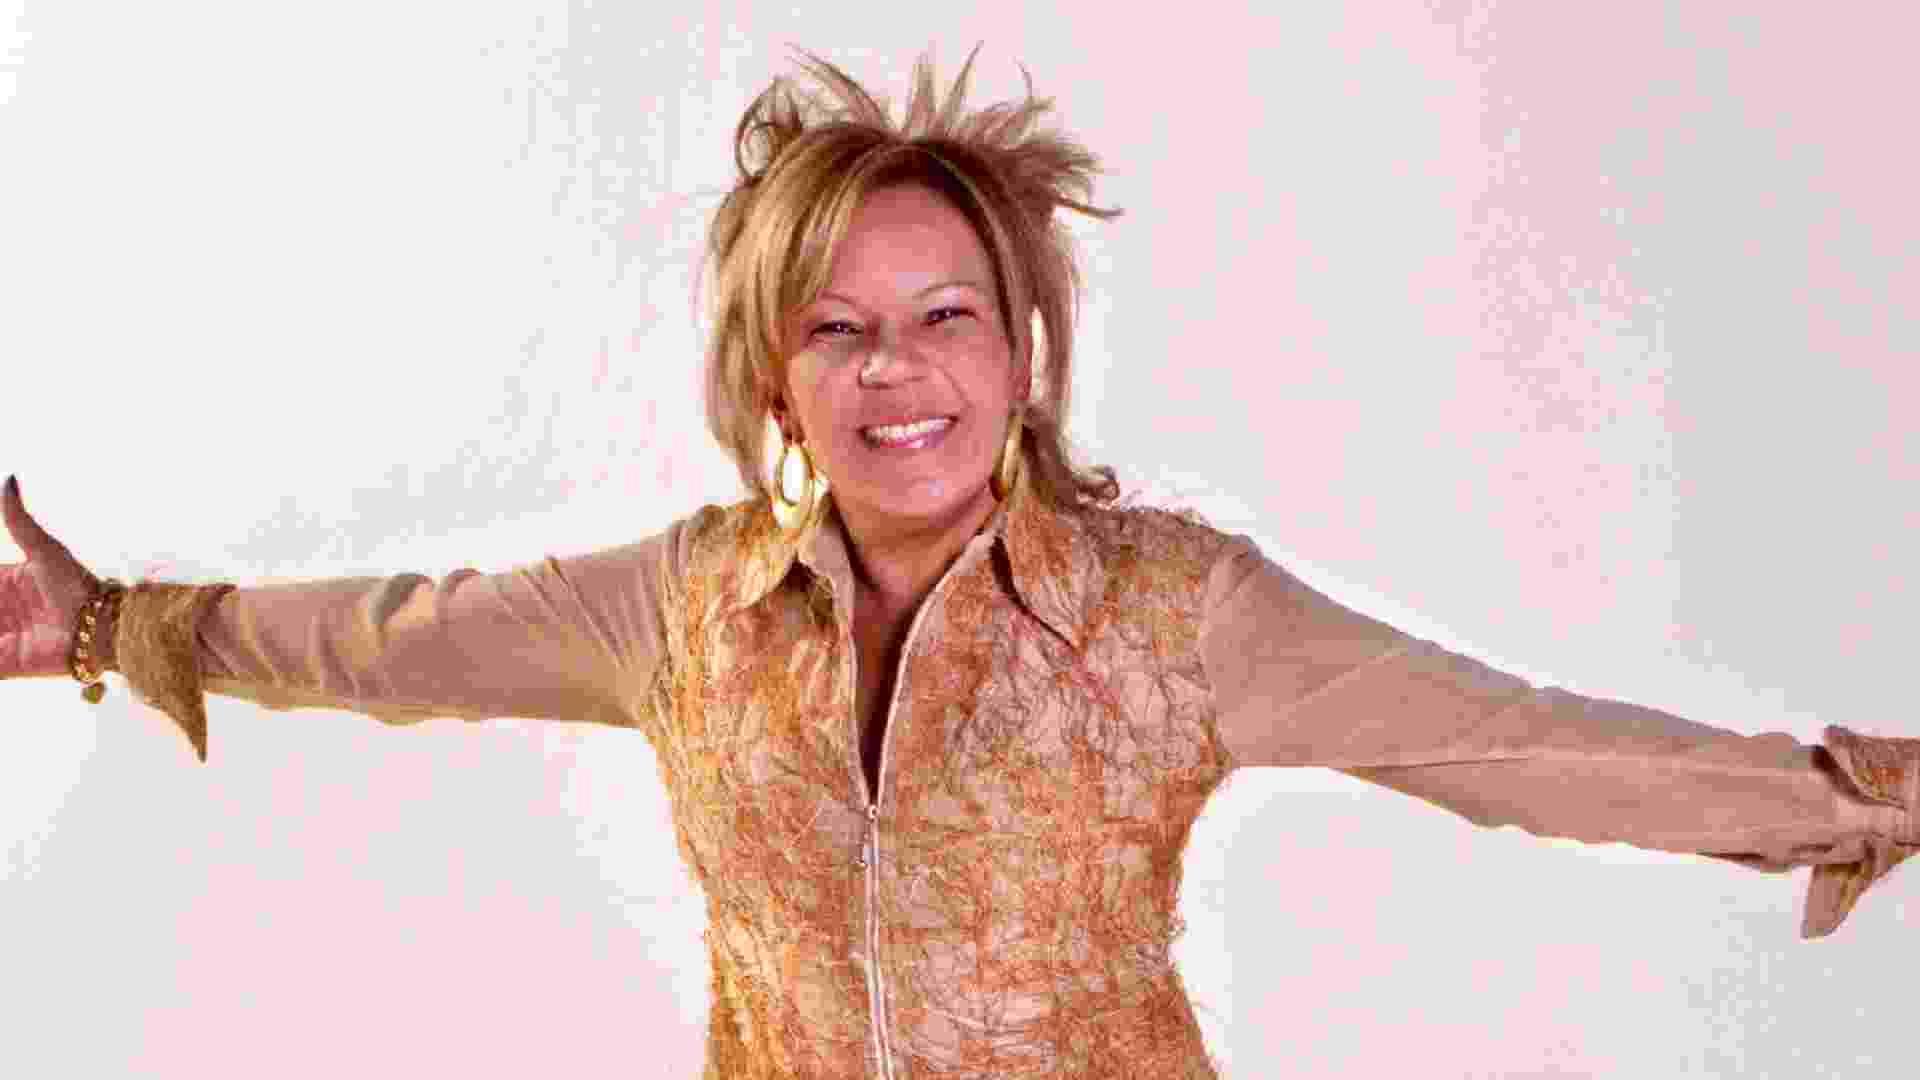 A cantora Loalwa Braz, do grupo de lambada Kaoma - Divulgação